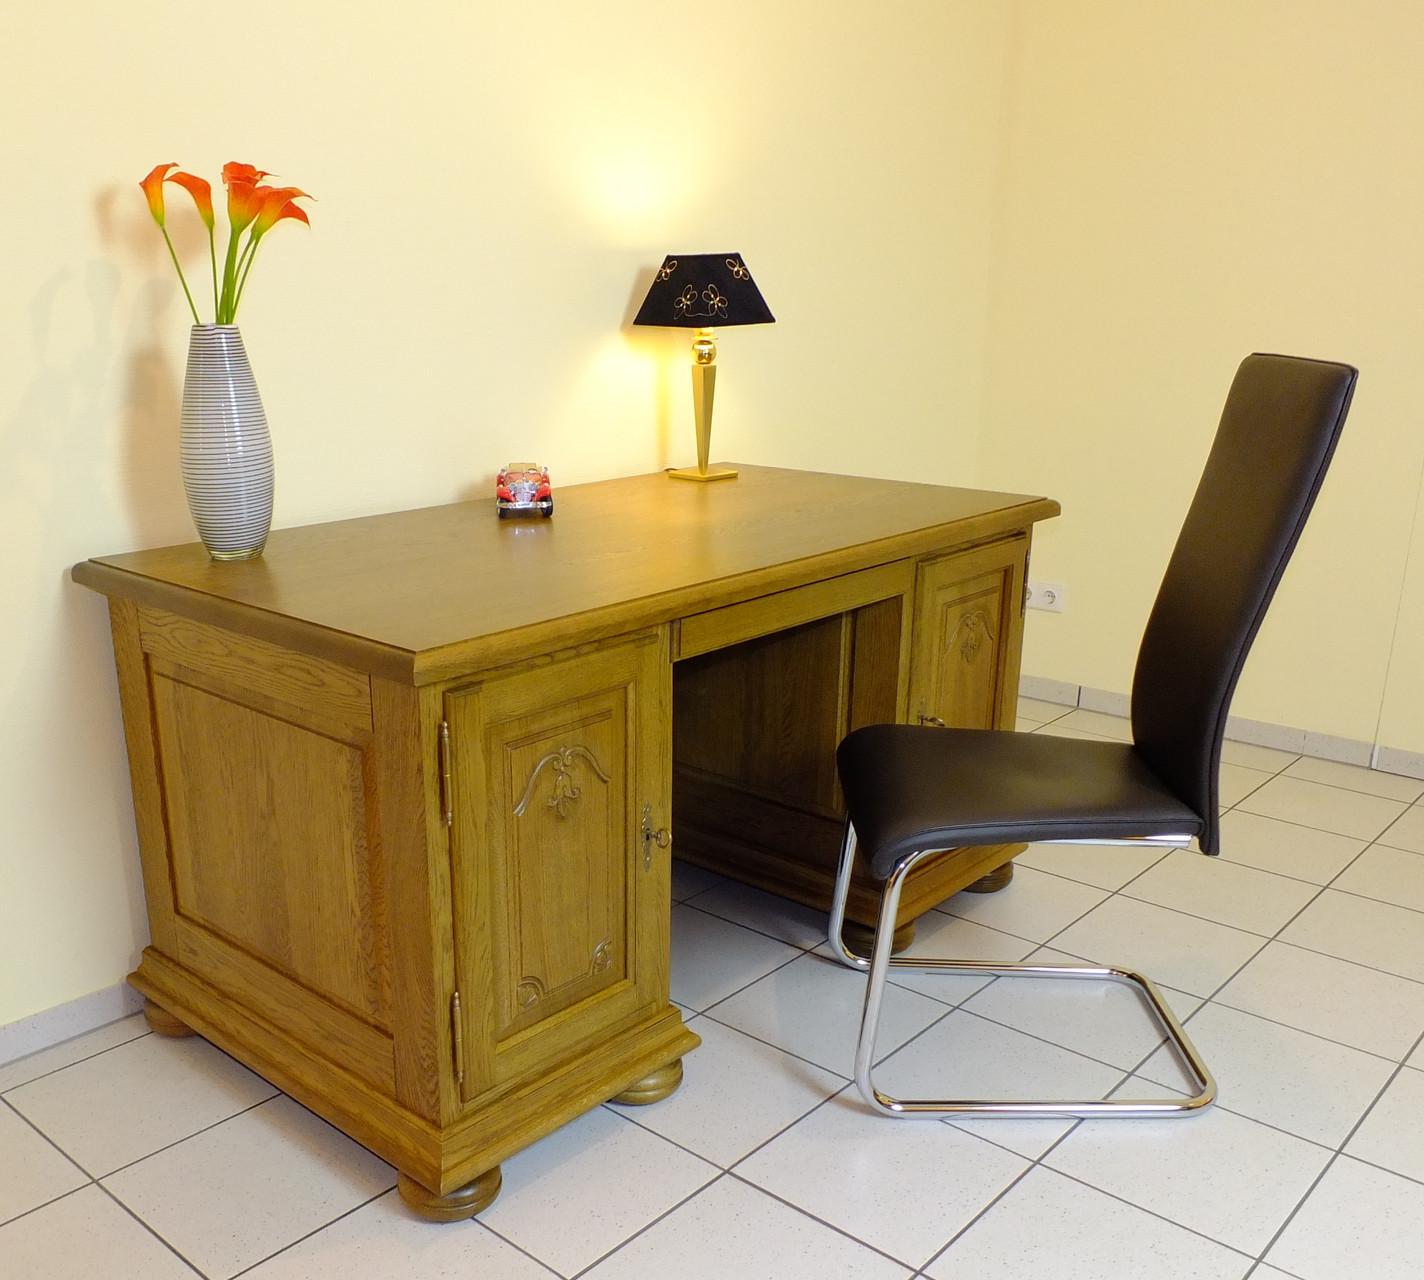 Schreibtisch / Eiche rustikal, gelaugt oder natur / Eiche massiv, mit Schnitzerei in den Türen, Modell: Schreibtisch Hombach